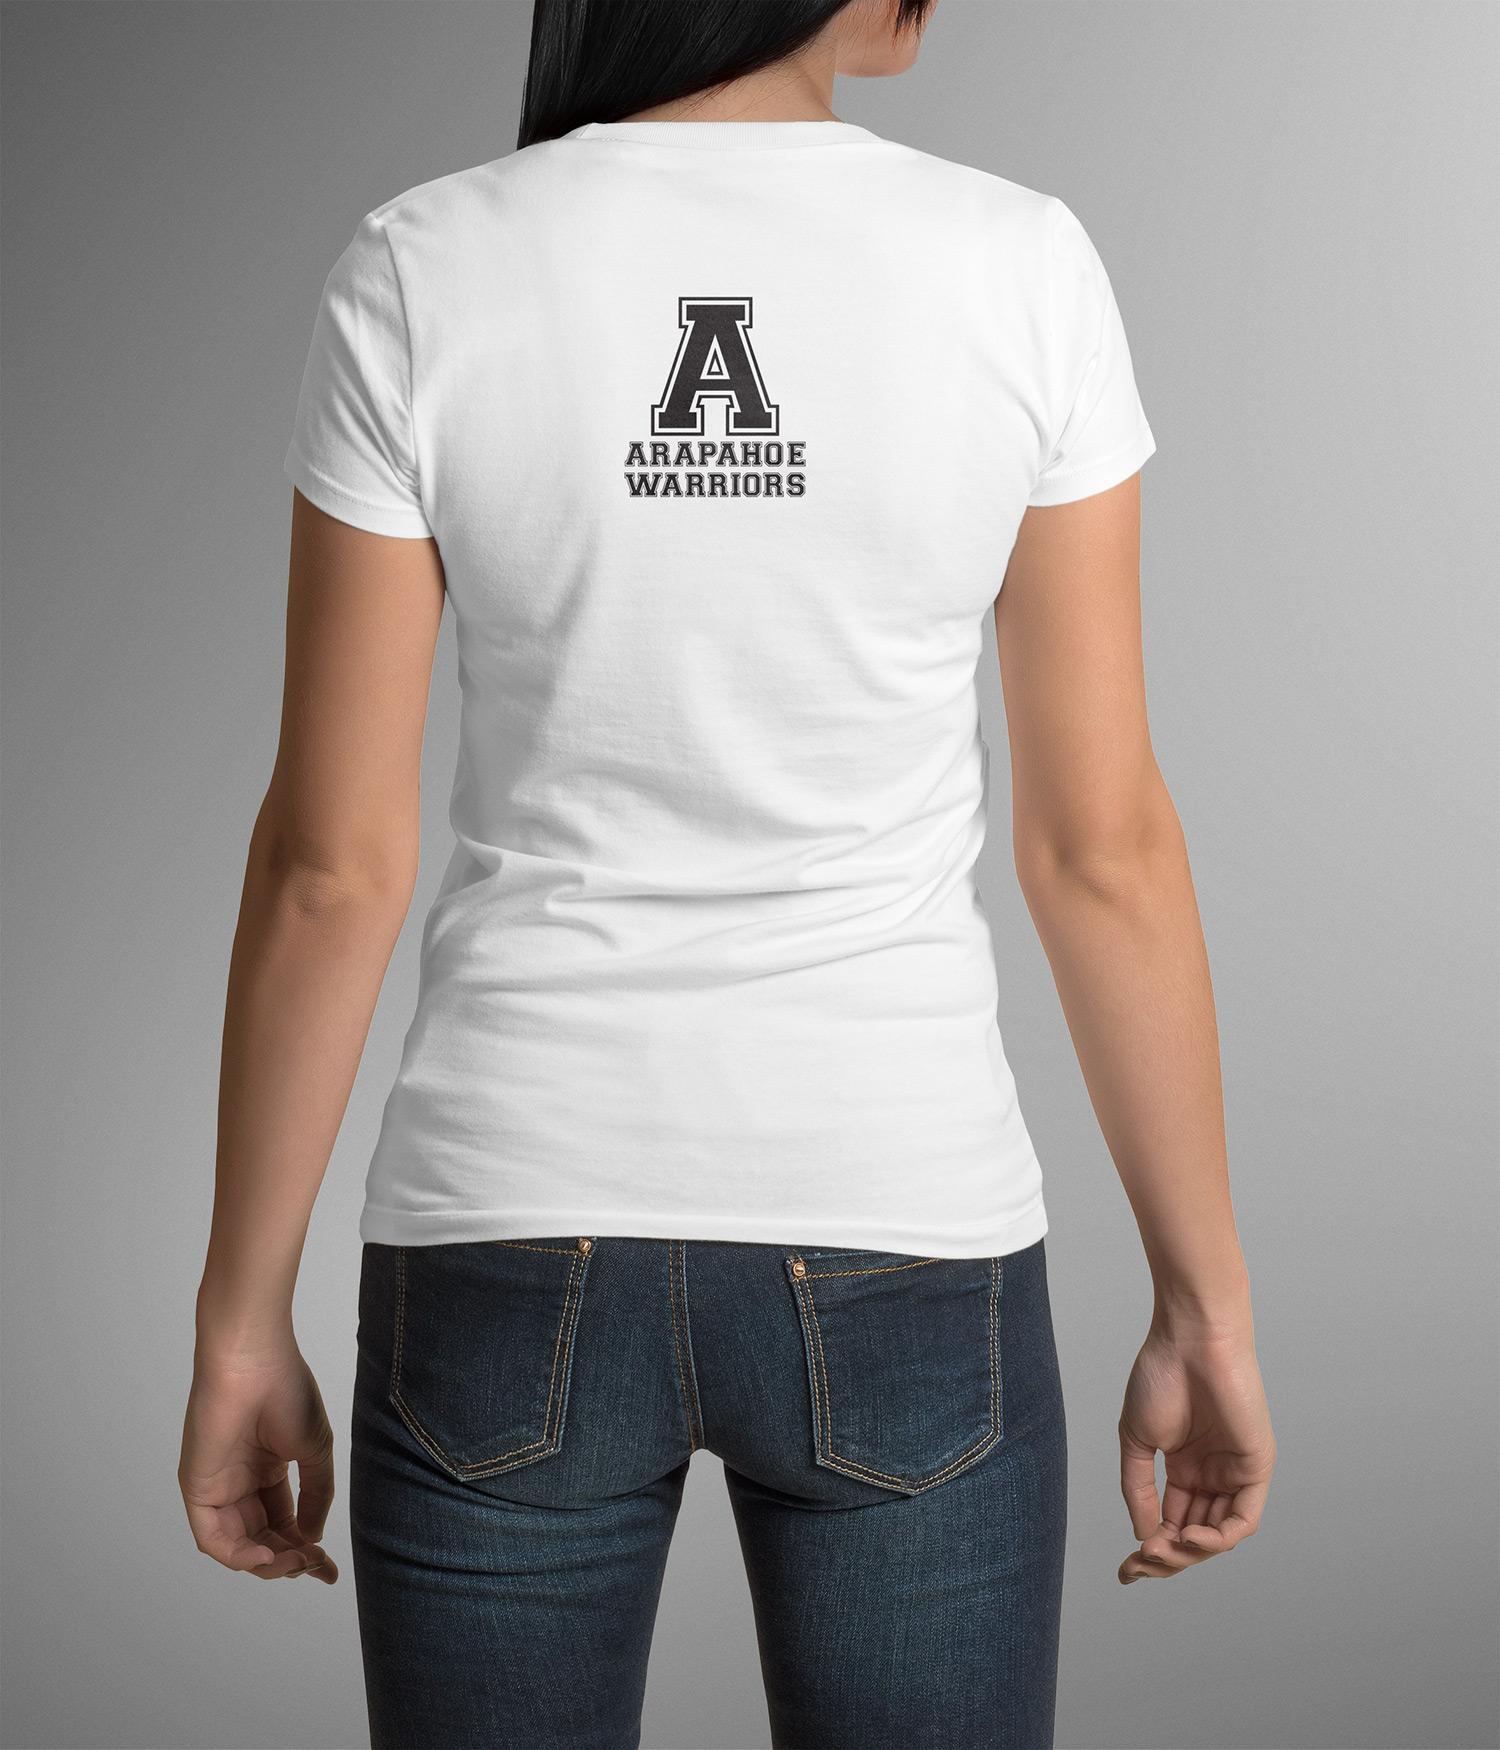 03-back-tshirt-mockup.jpg